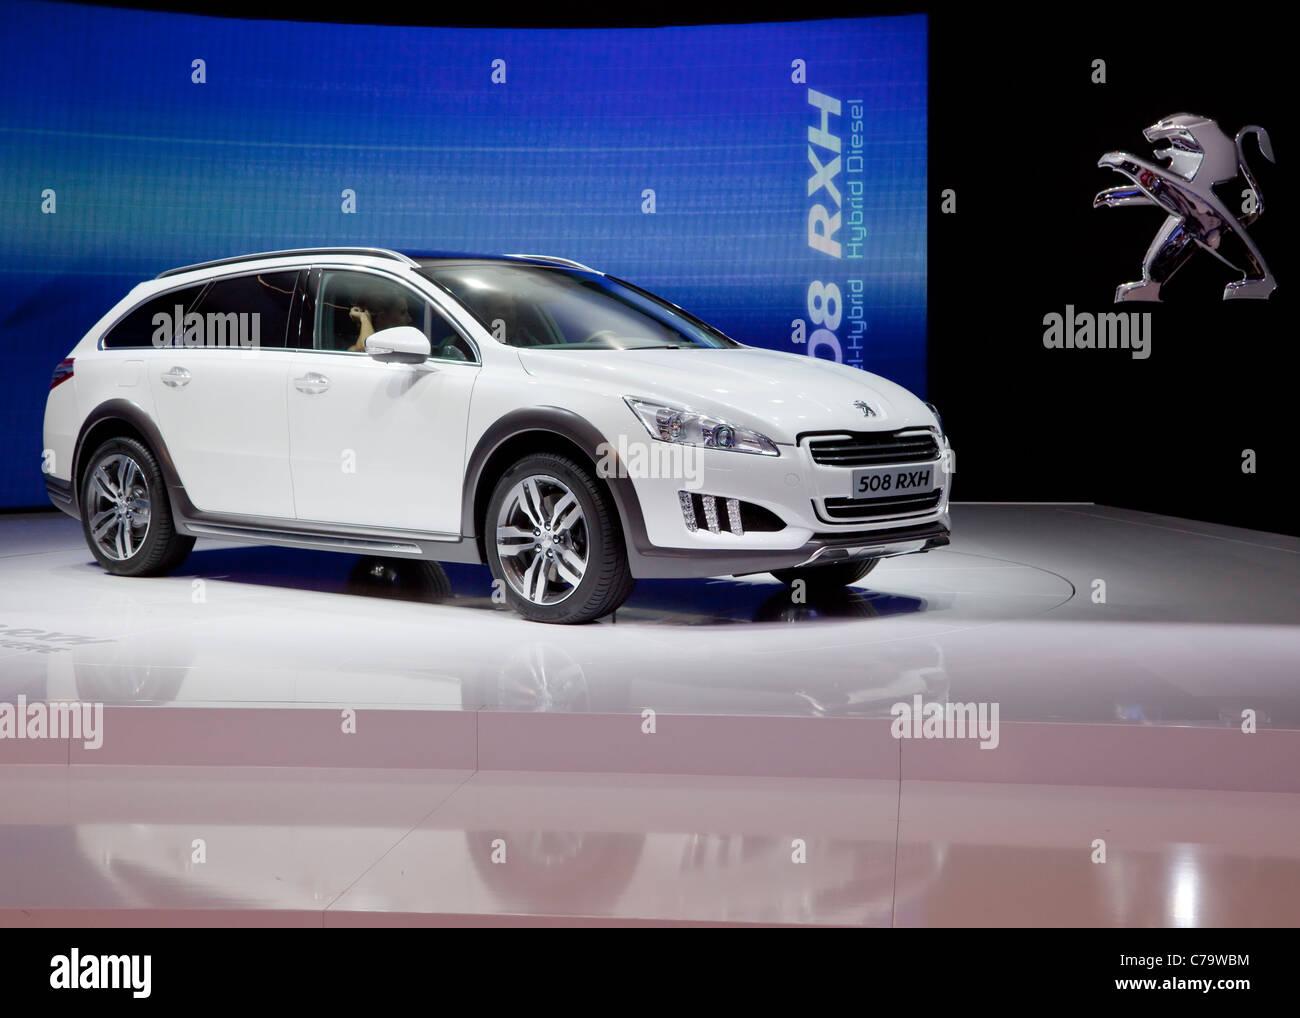 Neue Peugeot 508 RXH Diesel Hybrid-Auto auf der IAA 2011 International Motor Show in Frankfurt Am Main, Deutschland Stockbild